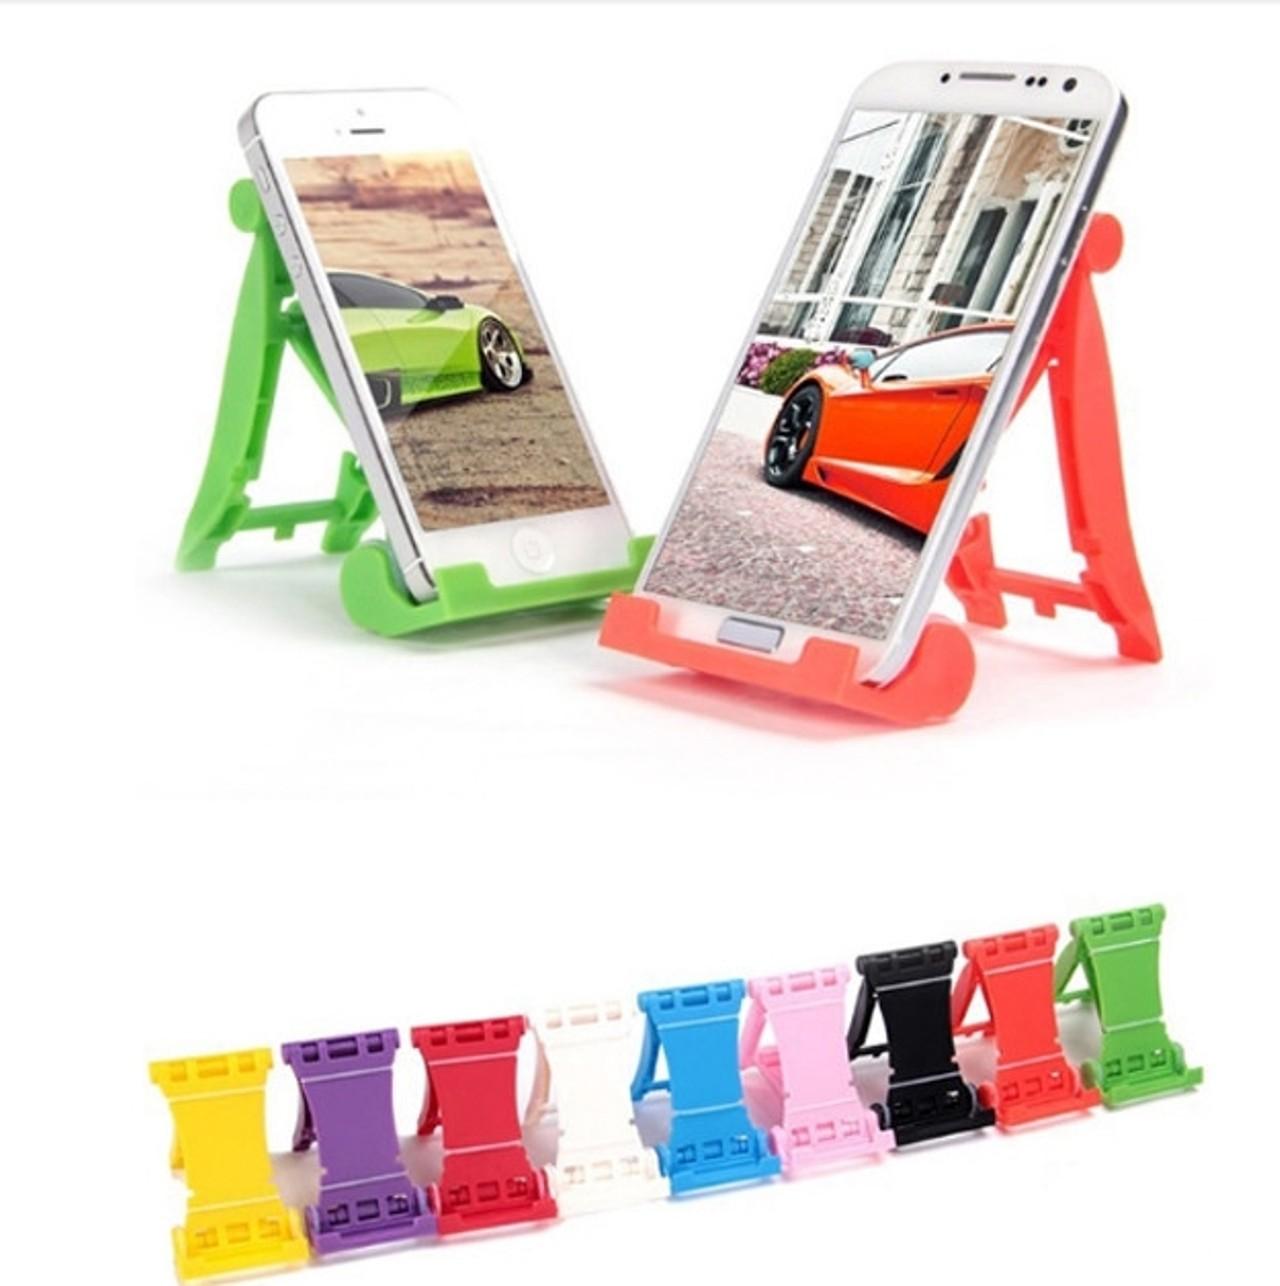 Giá đỡ điện thoại - hình chiếc ghế